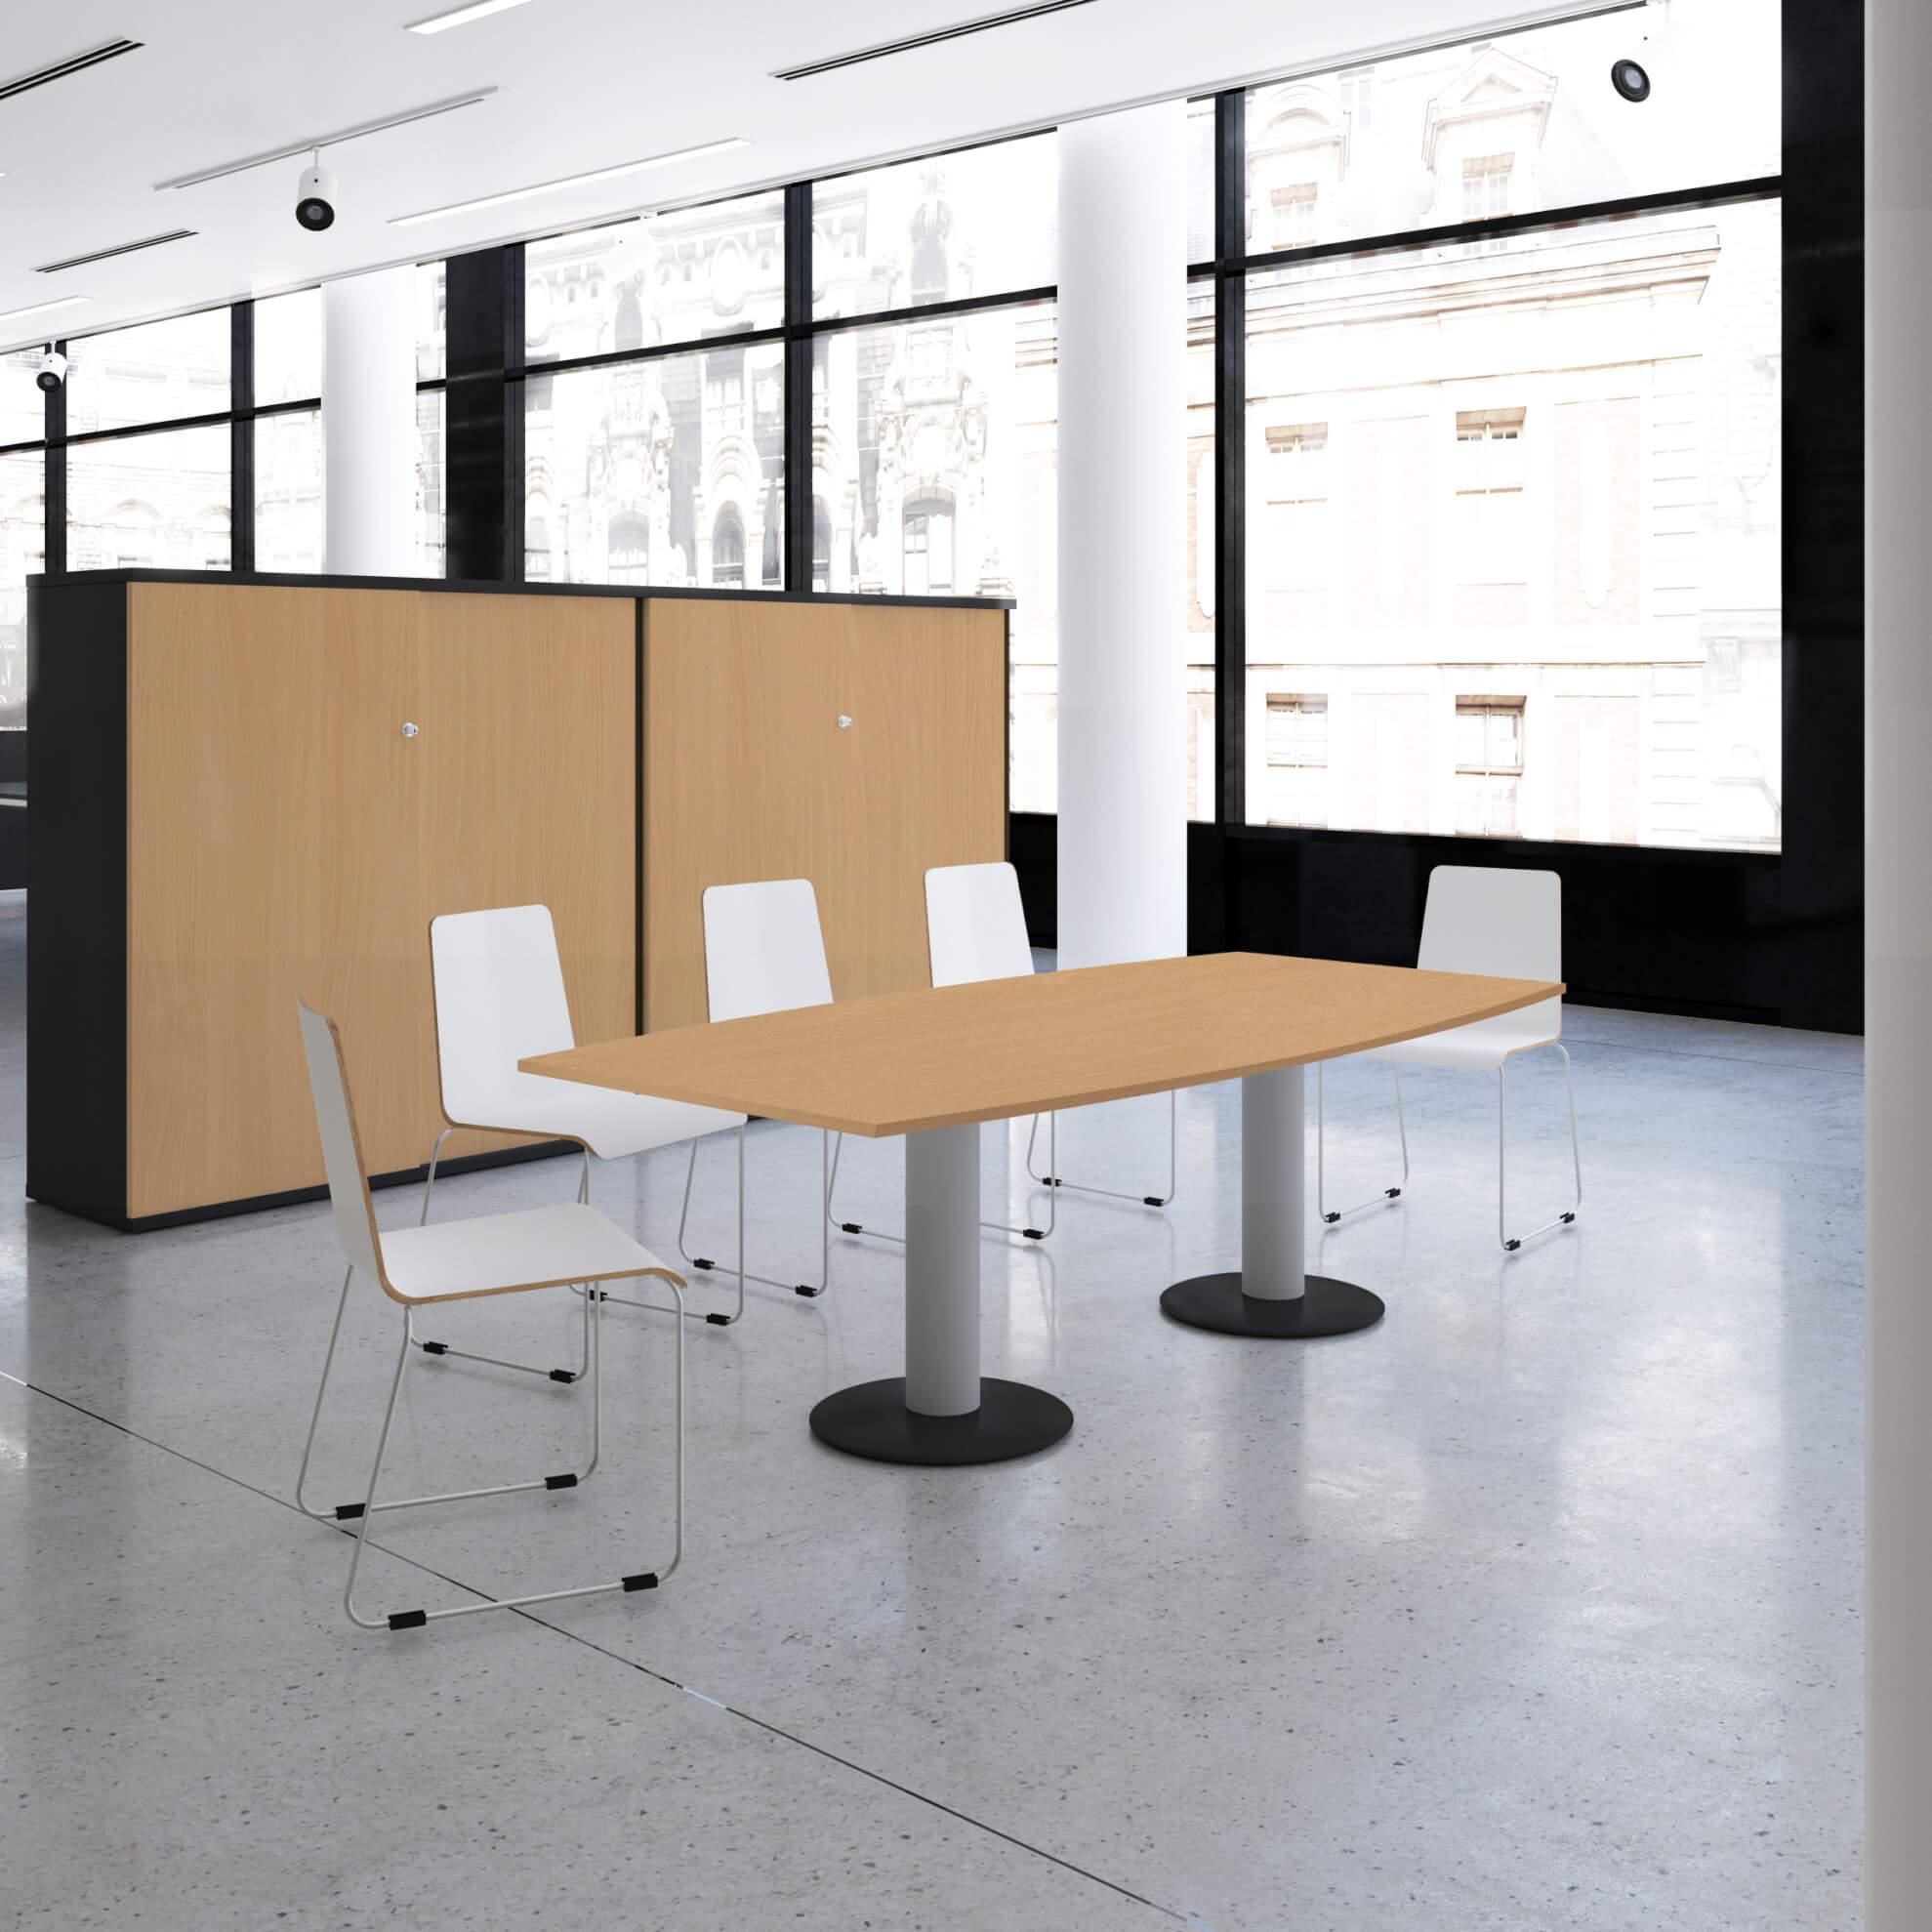 OPTIMA Konferenztisch Bootsform 200x100 cm Besprechungstisch Buche Tisch Esstisch Küchentisch